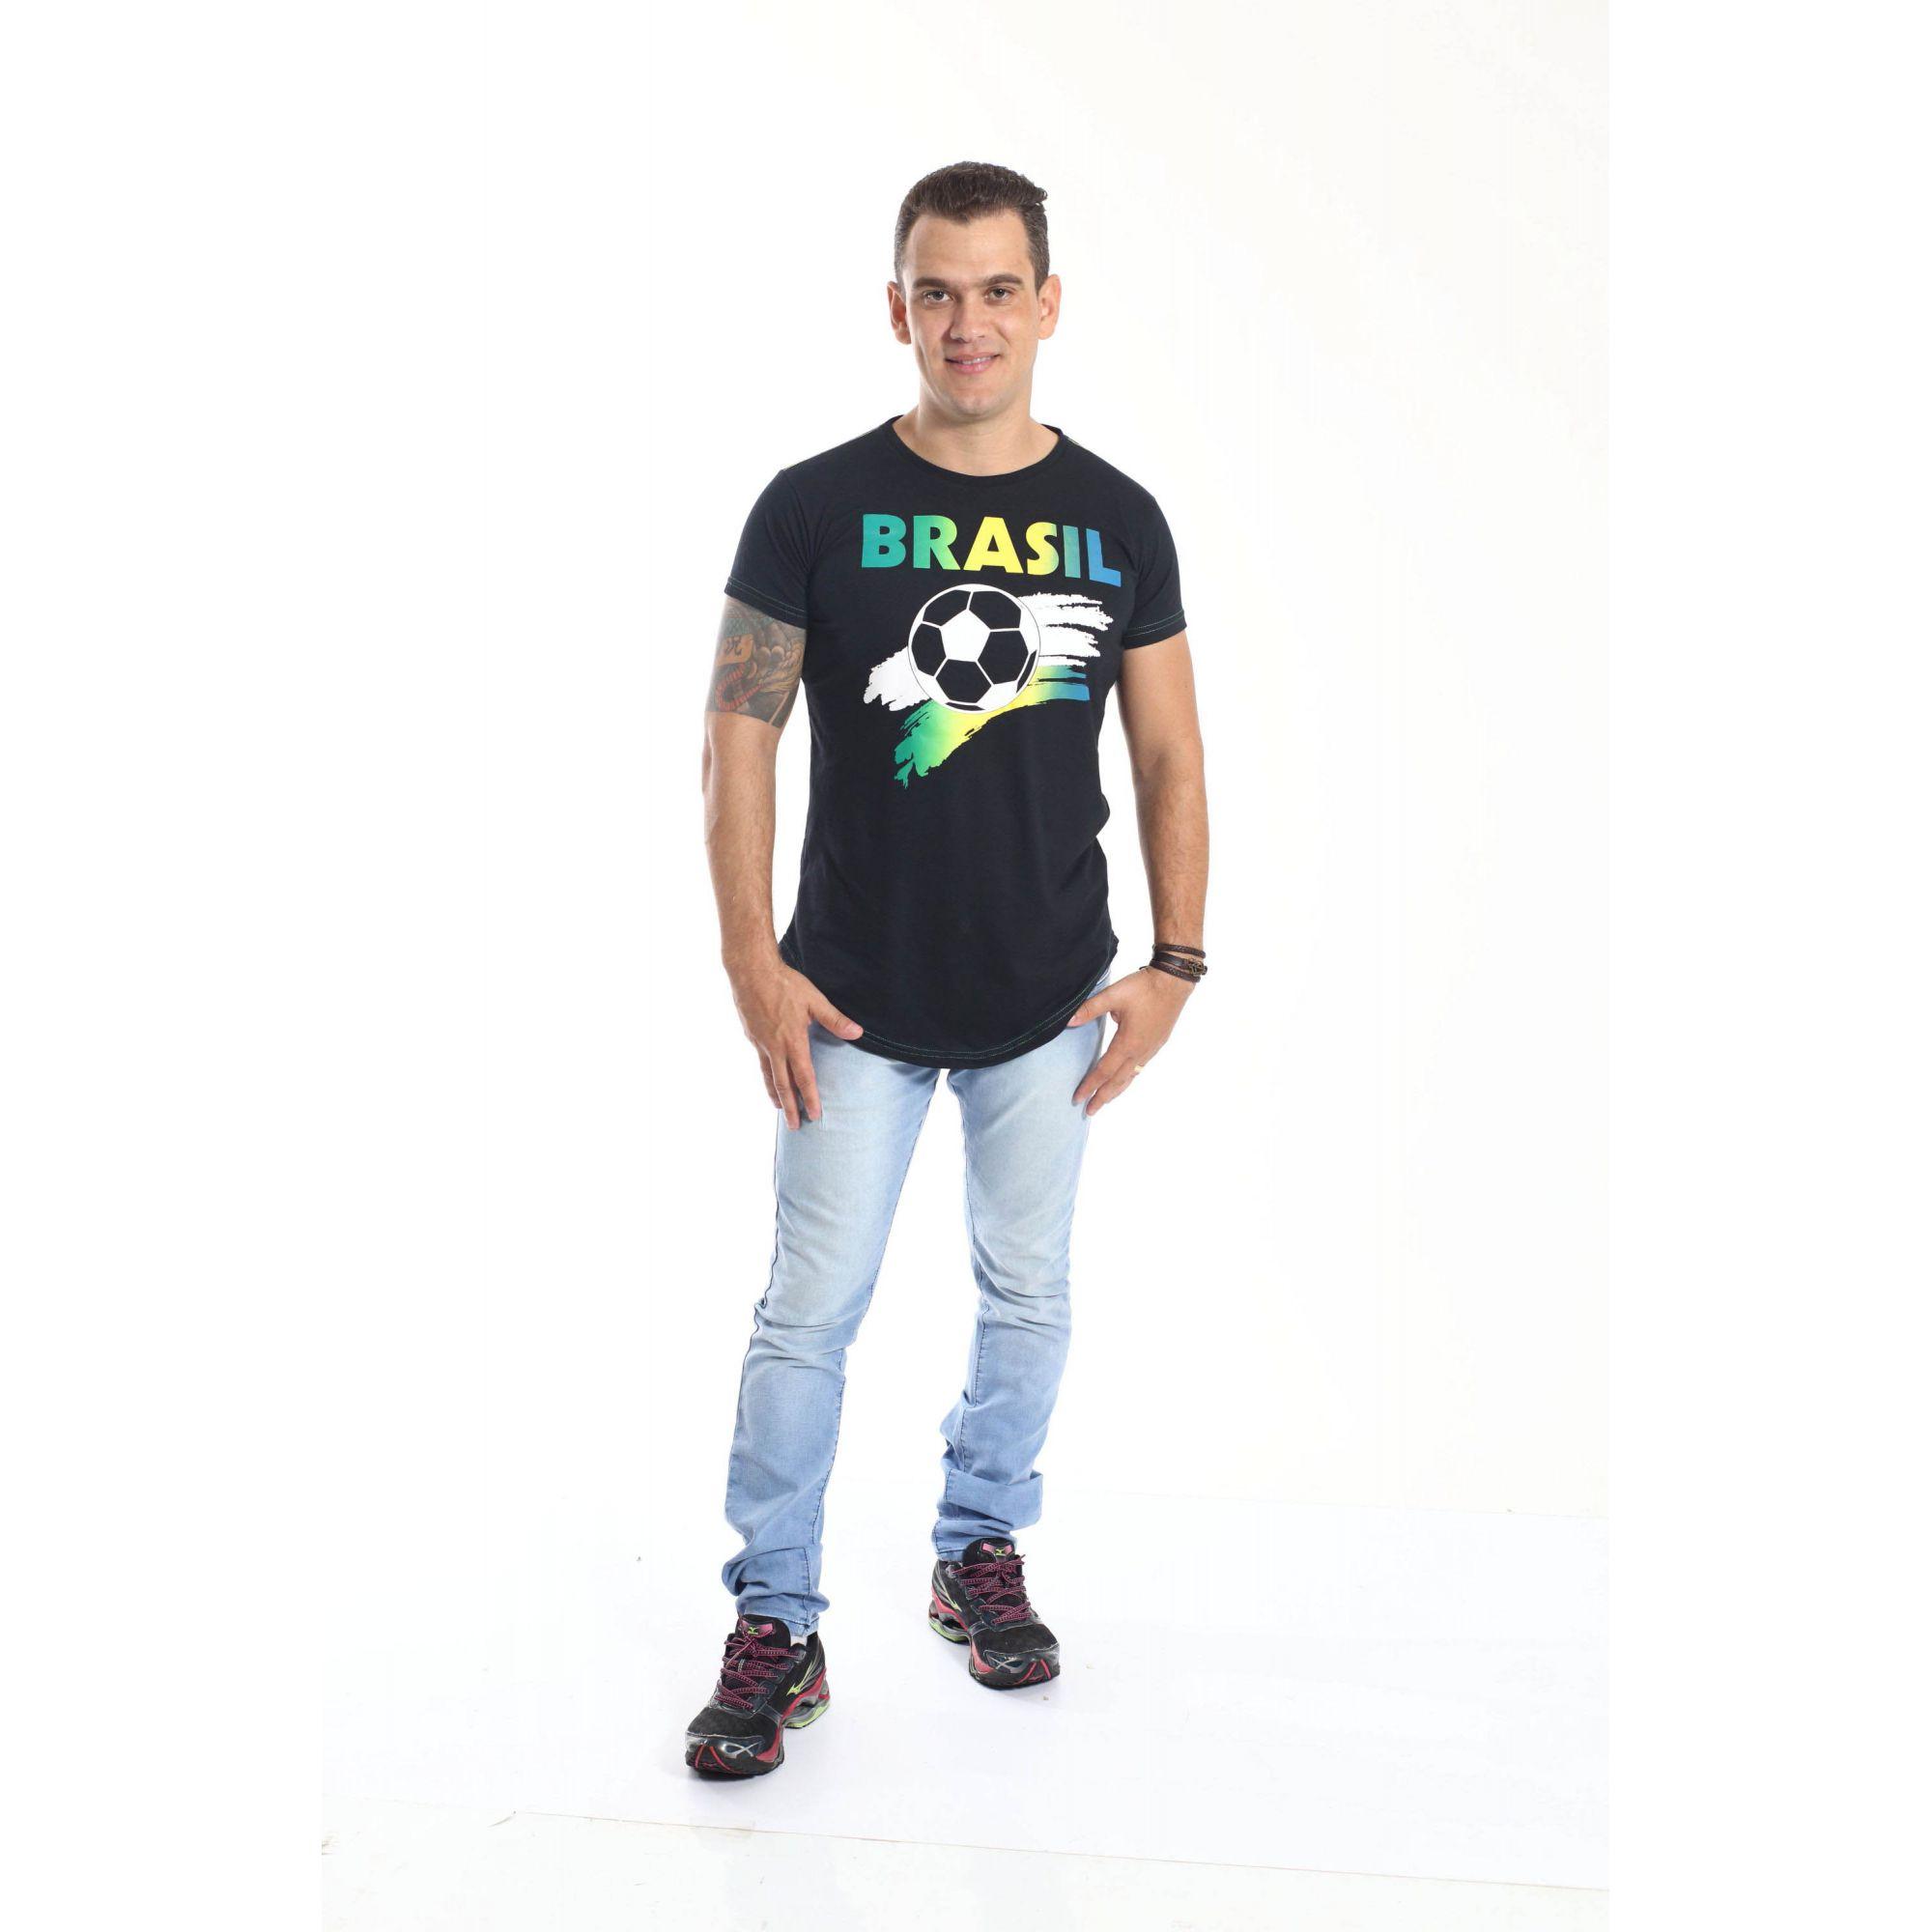 PAIS E FILHOS > Kit 3 peças Camisetas Long Brasil Unissex [Coleção Família]  - Heitor Fashion Brazil